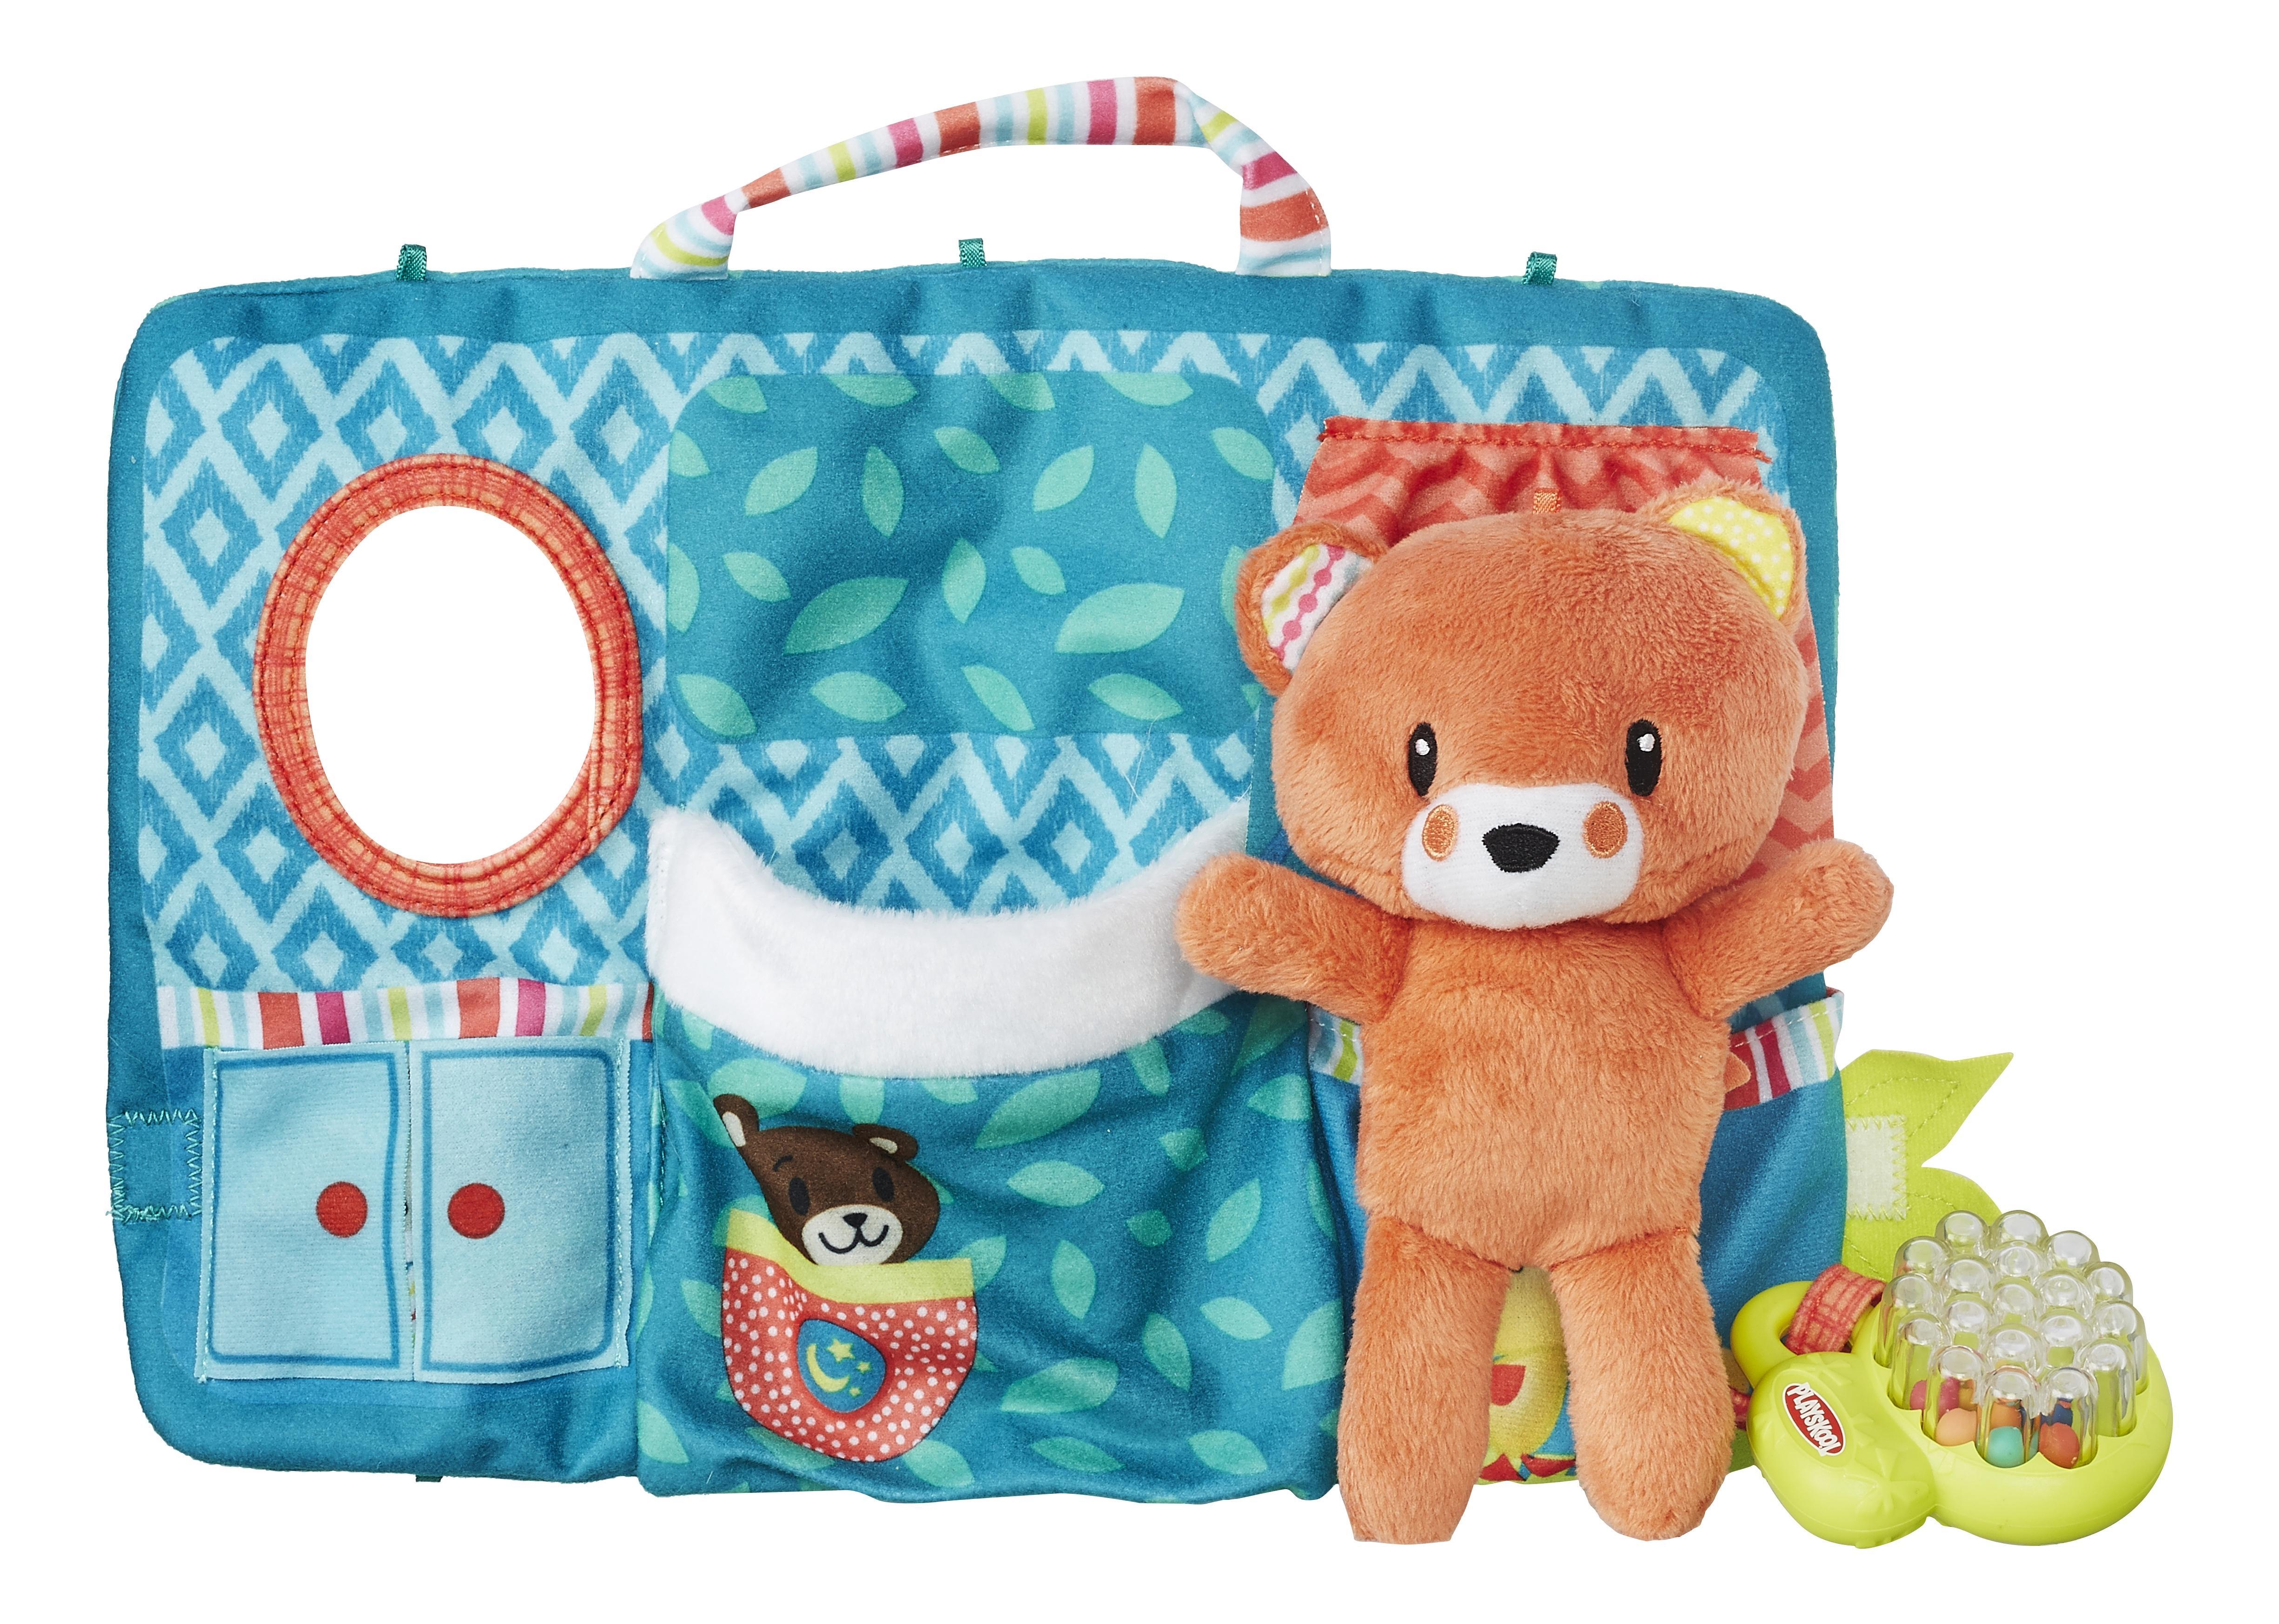 Купить Мягкая игрушка Playskool Первые плюшевые друзья B6290 B6292, Мягкие игрушки животные